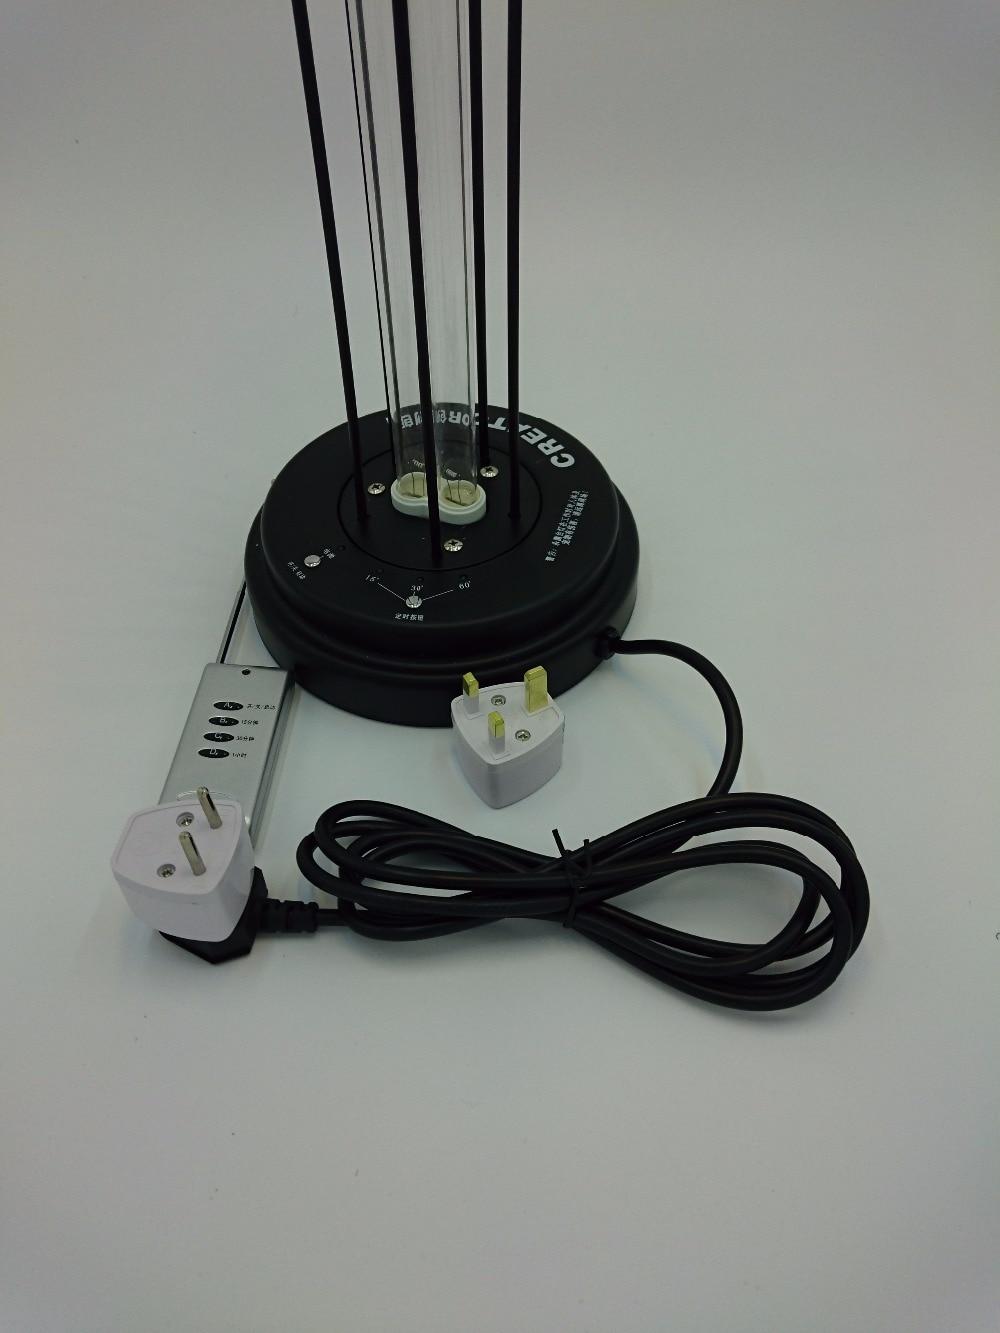 Portable Max 36 Watt Uv C Germicidal Ultraviolet Light